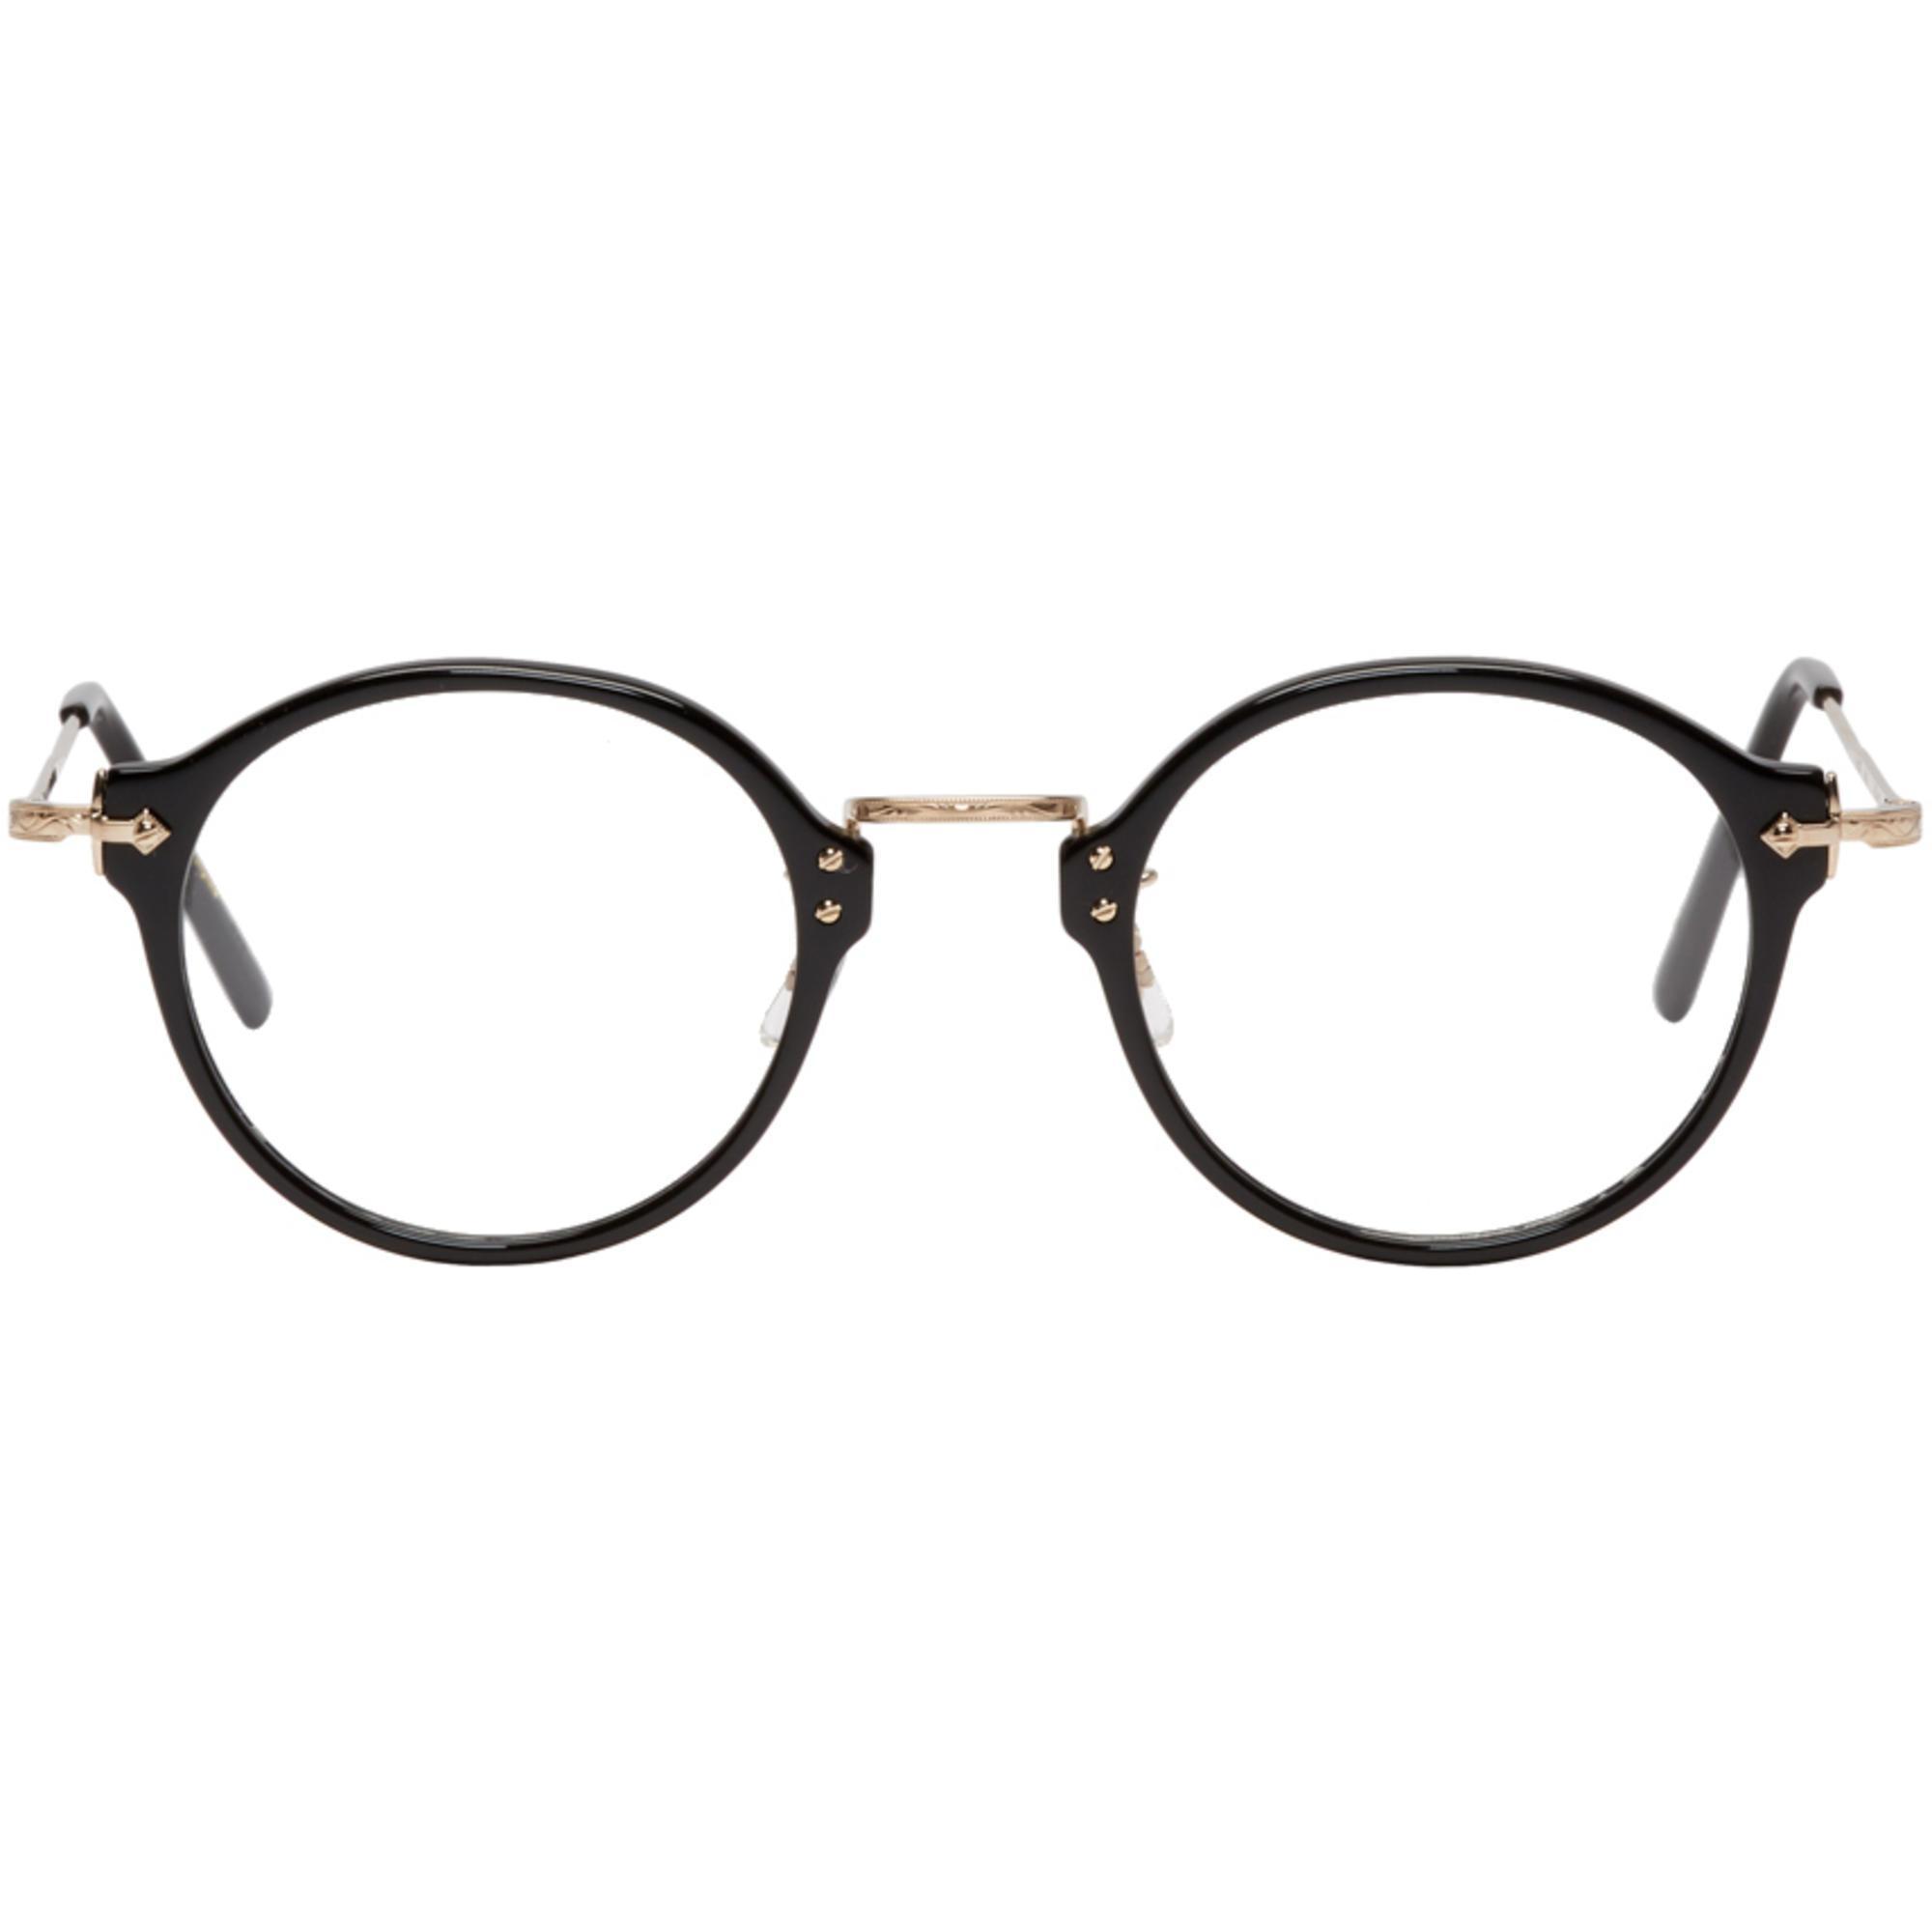 3415f27f1b Eyevan 7285 Black Model E507 Glasses in Black for Men - Lyst